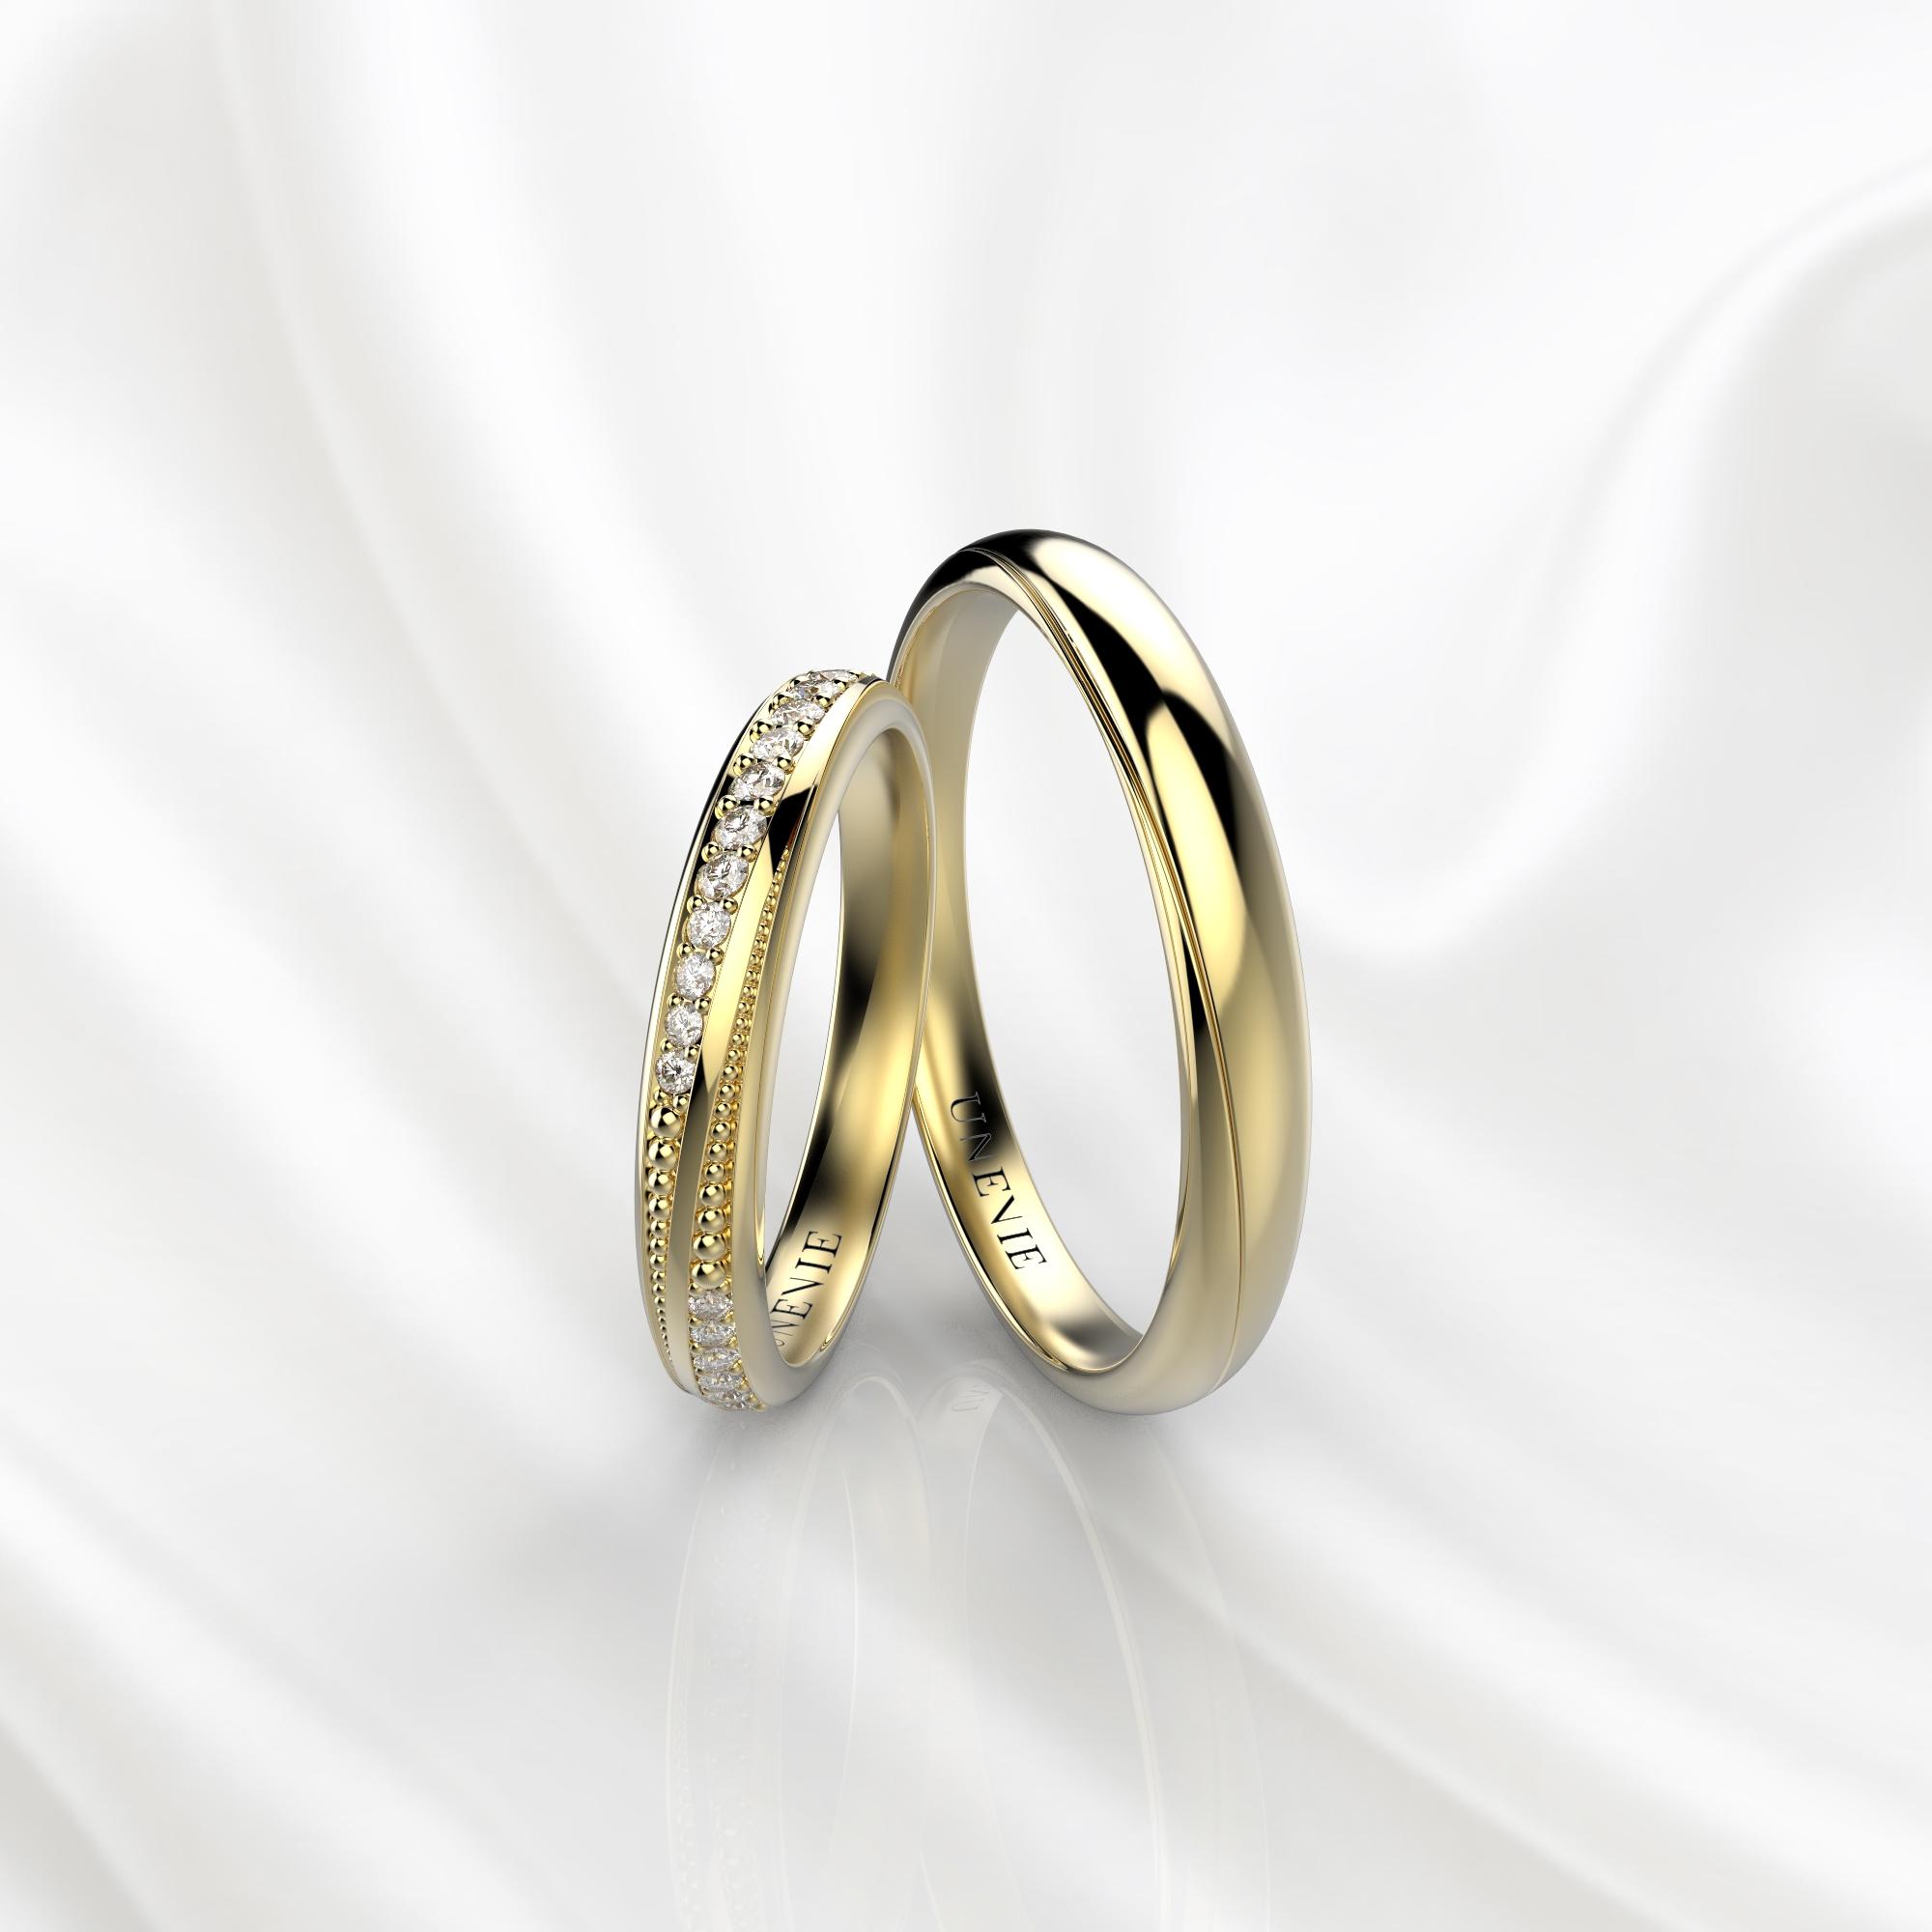 NV38 Обручальные кольца из желтого золота с бриллиантами